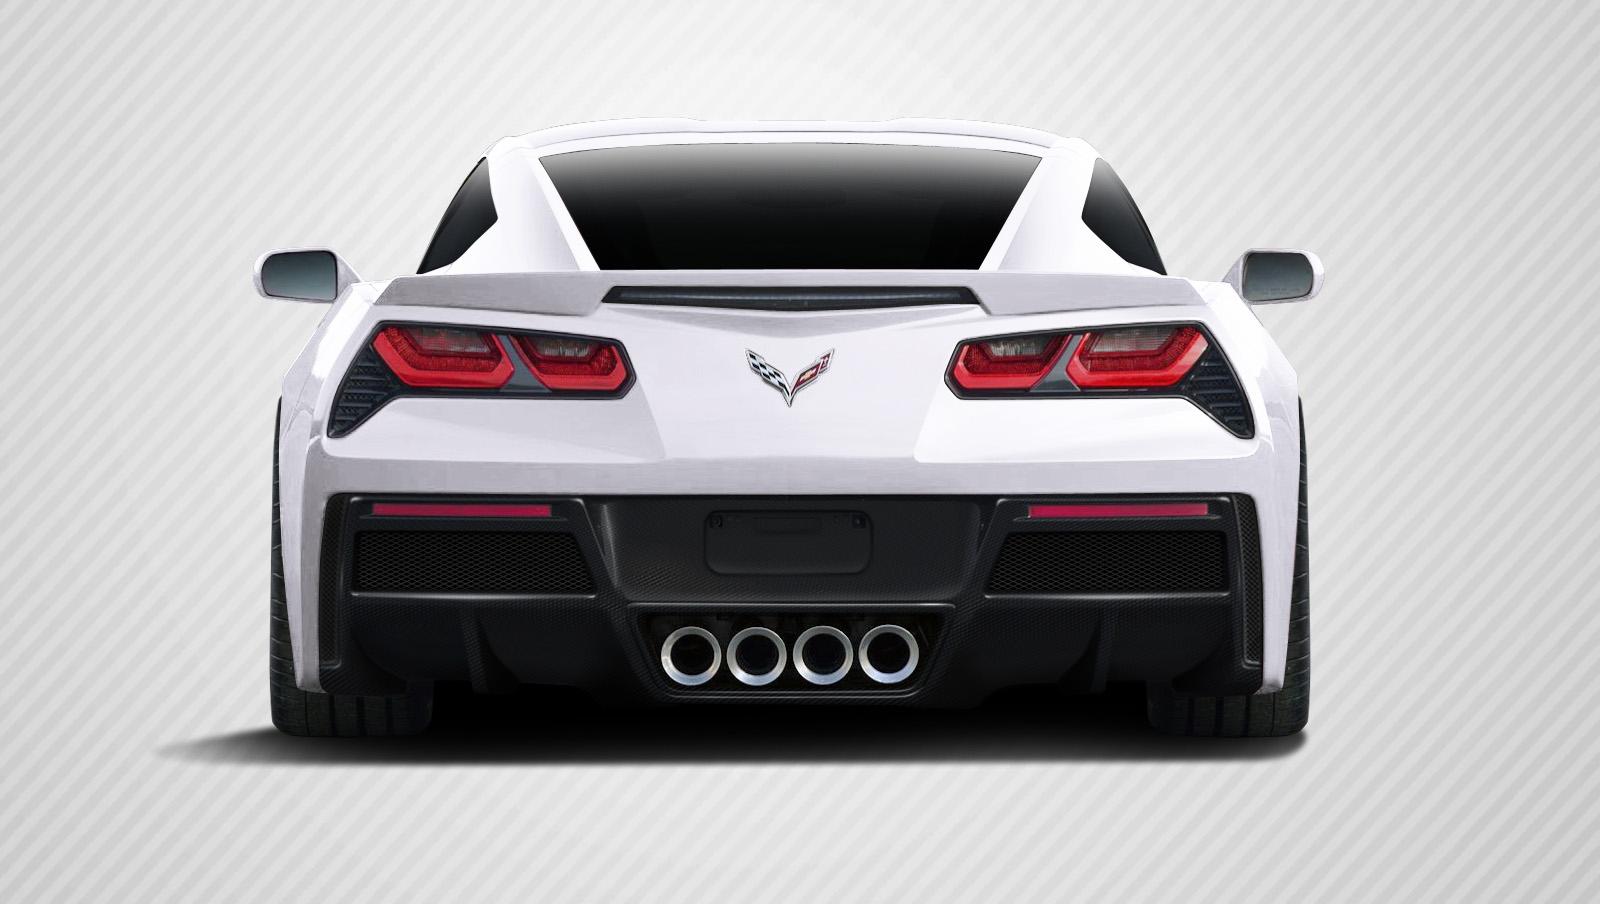 Rear Lip/Add On Bodykit for 2016 Chevrolet Corvette ALL - Chevrolet Corvette C7 Carbon Creations Gran Veloce Rear Diffuser- 1 Piece